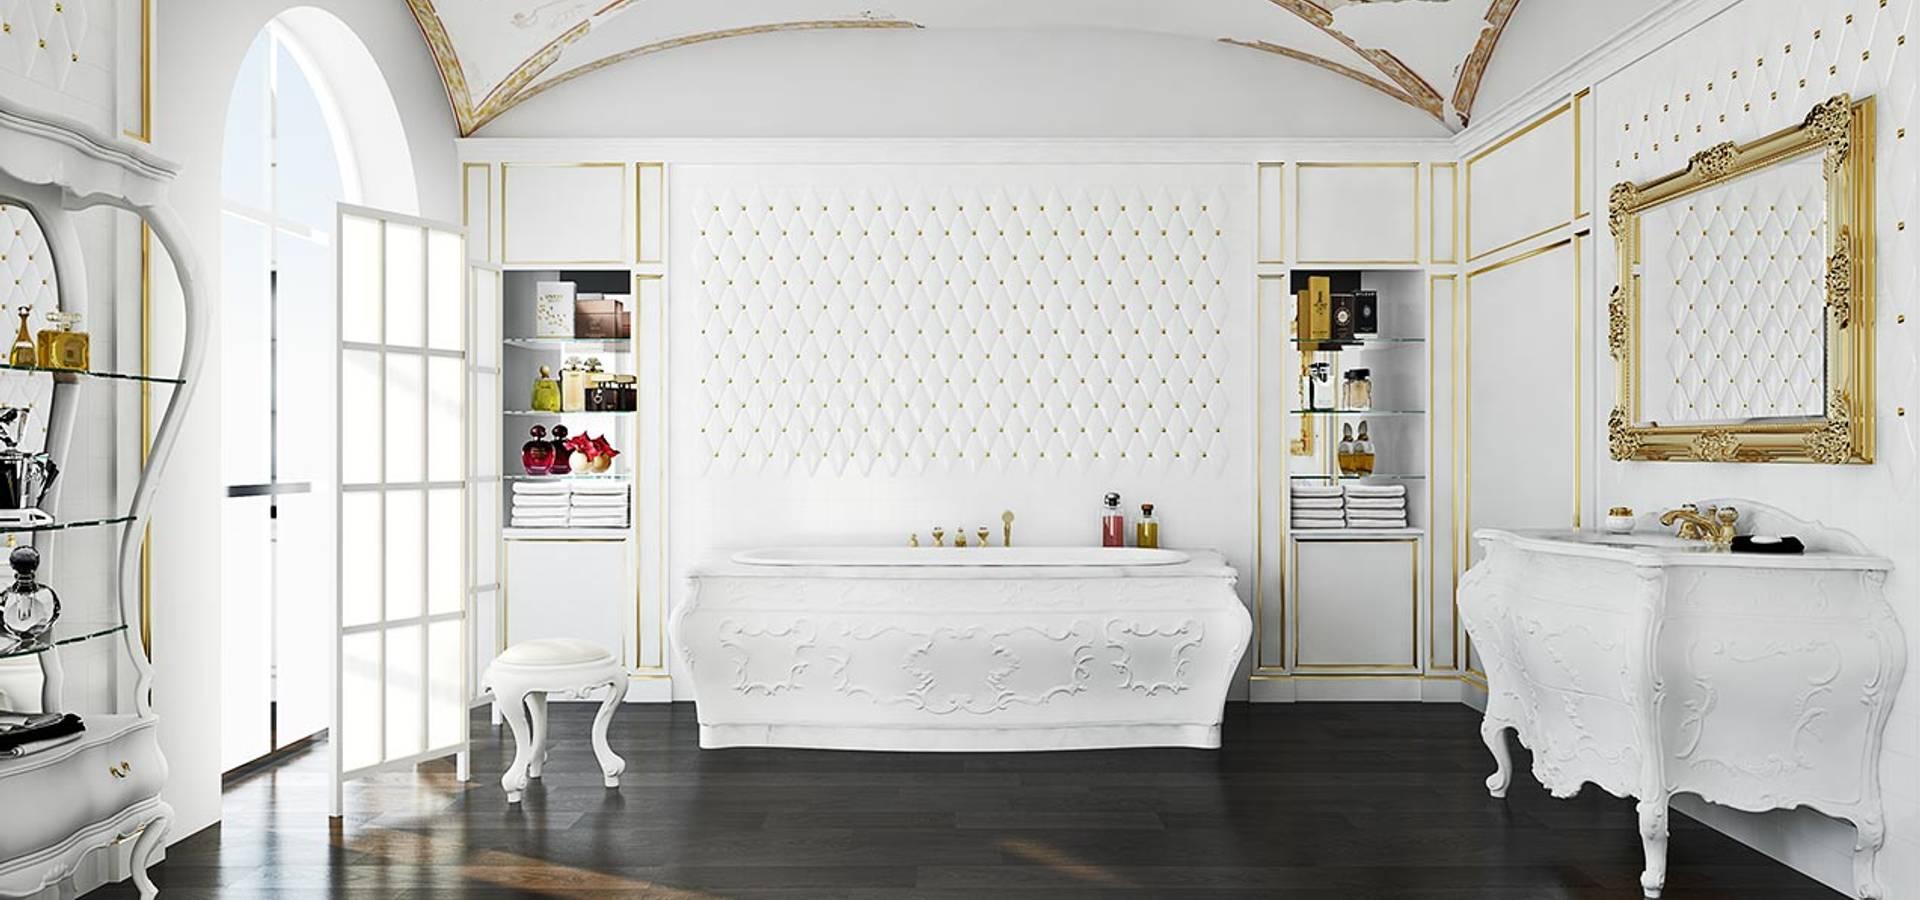 Aranżacja łazienki w stylu lat \'700 di Bianchini & Capponi | homify